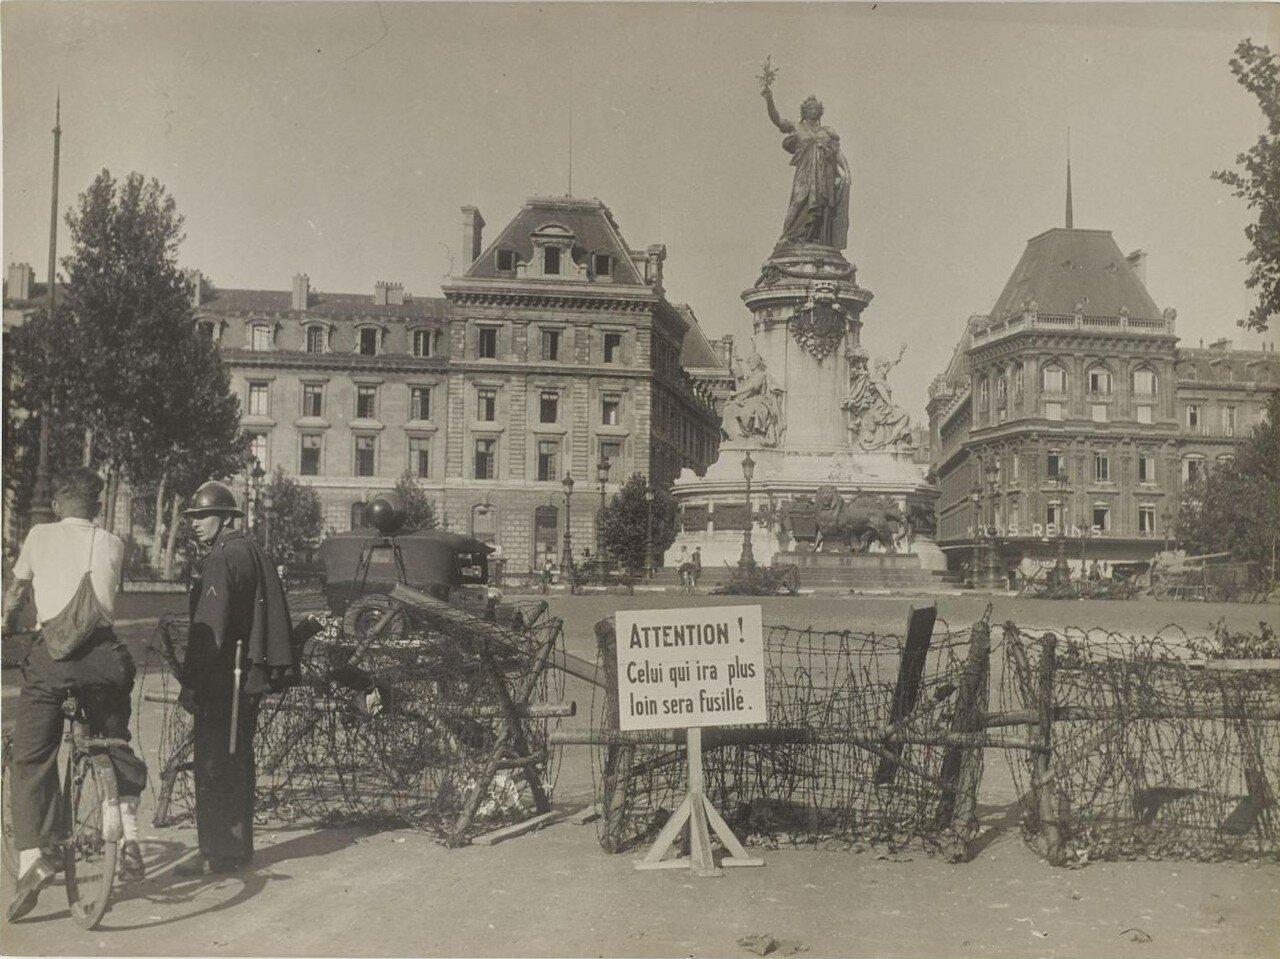 24 августа. Казармы принца Евгения перед капитуляцией. Площадь Республики